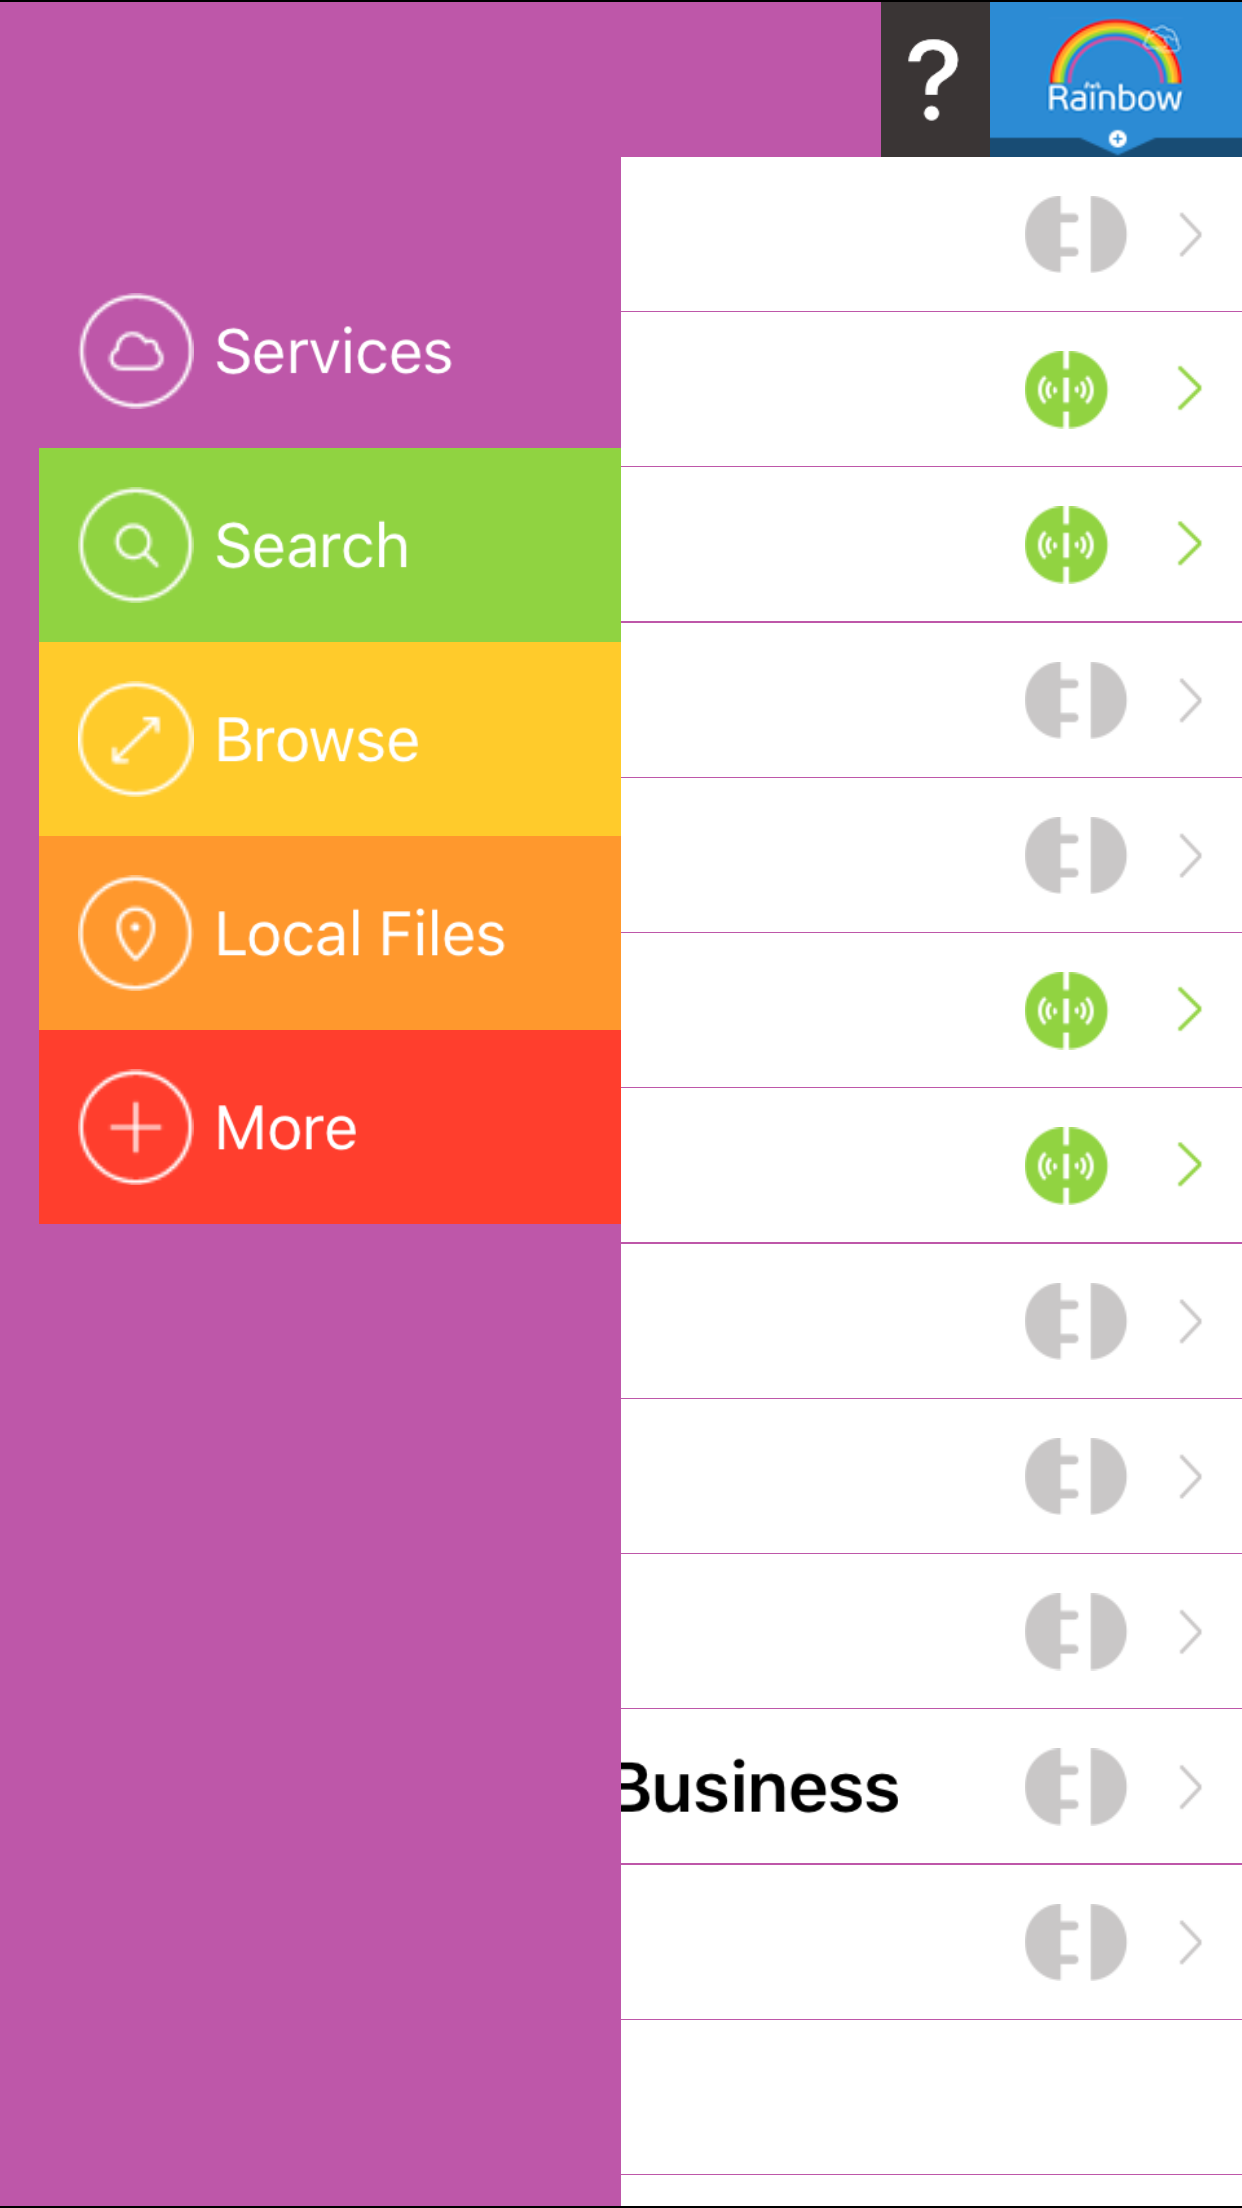 Rainbow iOS v 3.0 main screen Rainbow, App, Cloud storage